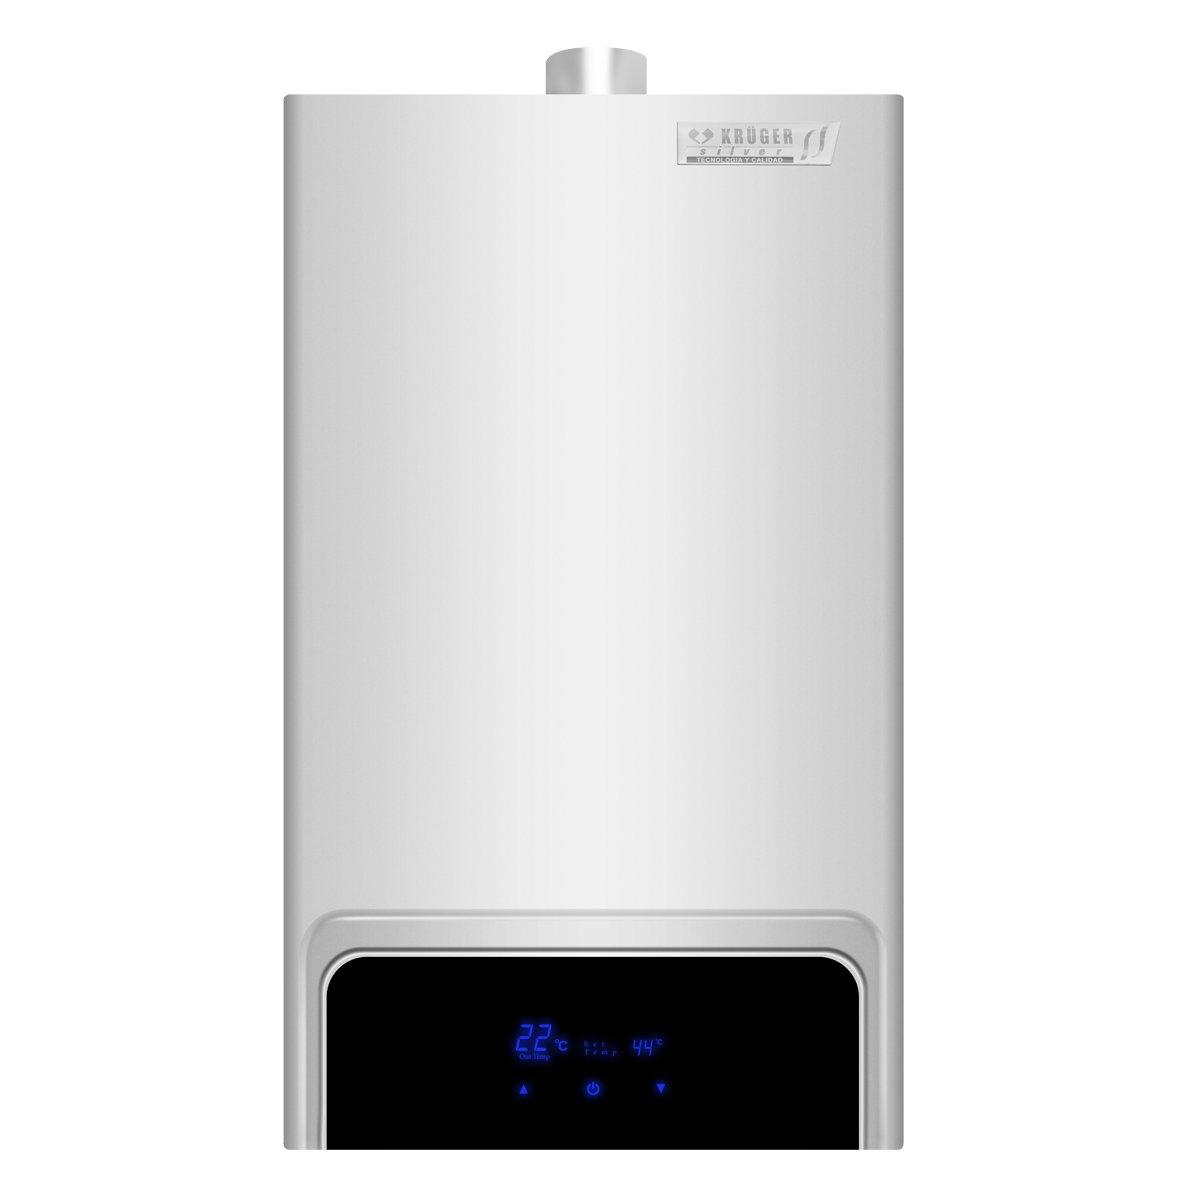 Calentador instant neo kr ger silver 16 gas lp sears com - Precio calentador de gas ...